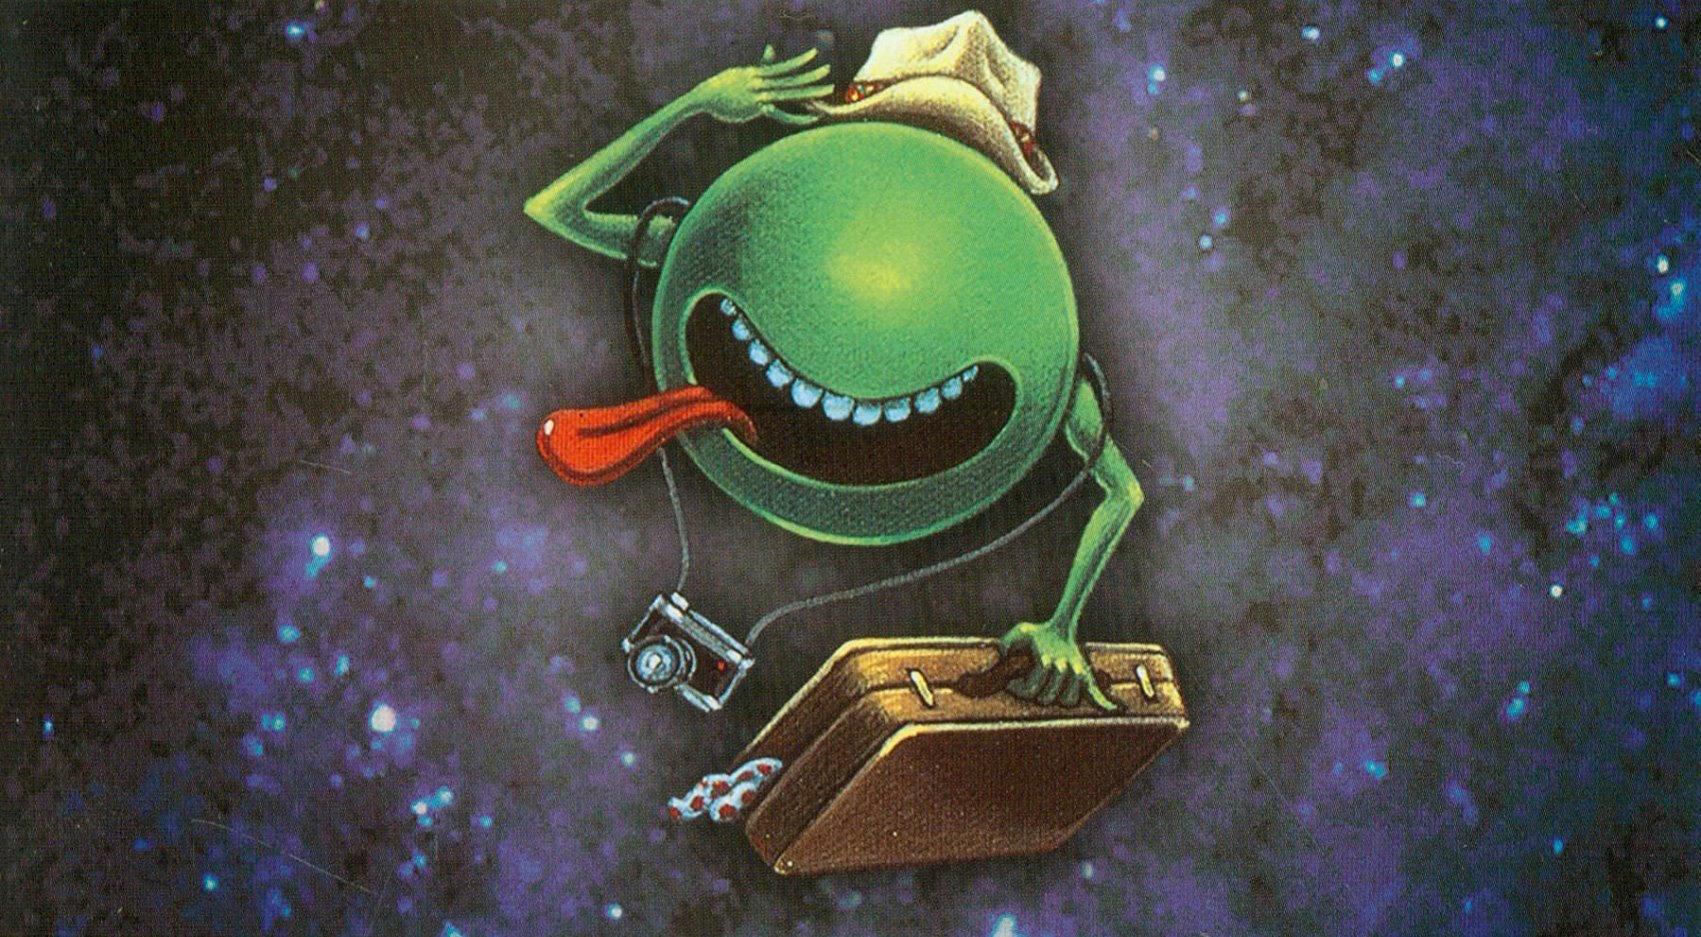 A spasso con l'Alieno #3 – Primi passi nella letteratura umoristica